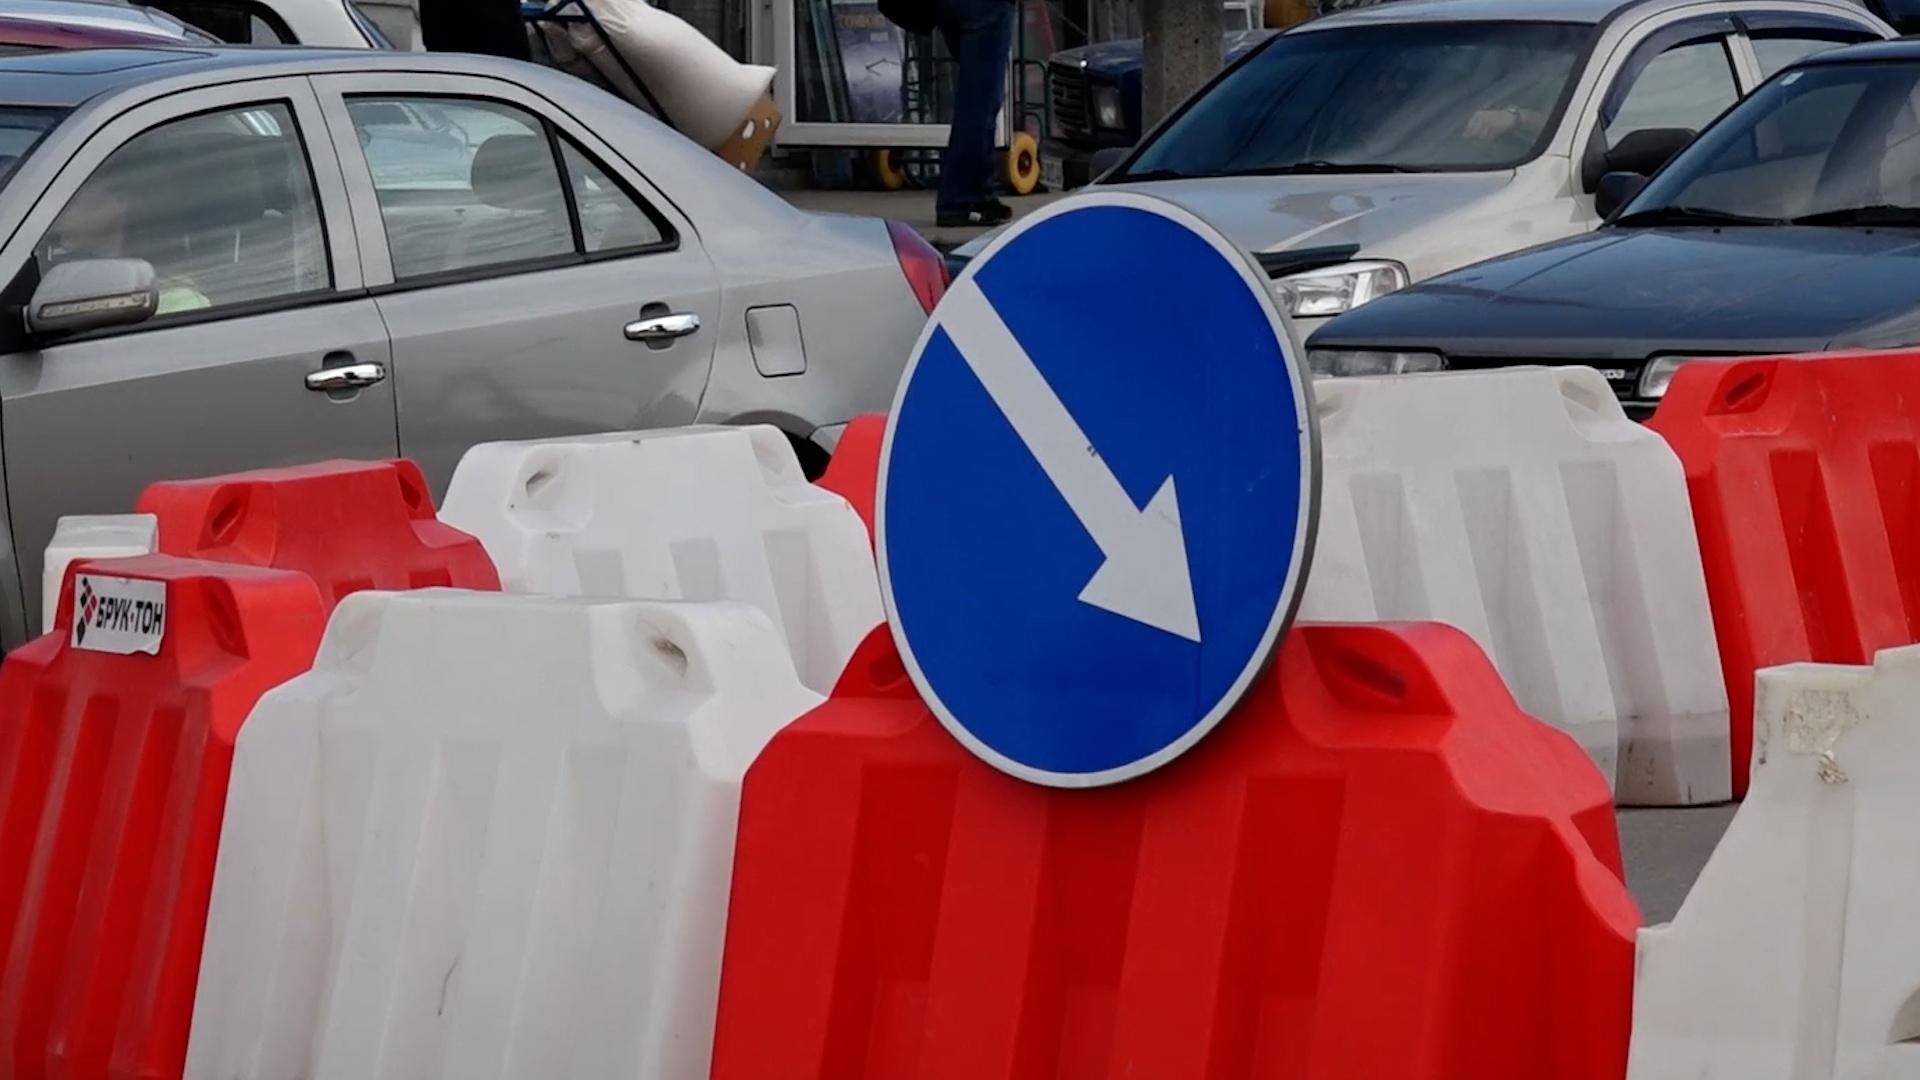 Постійне кільце облаштують на перетині кількох вулиць у Тернополі